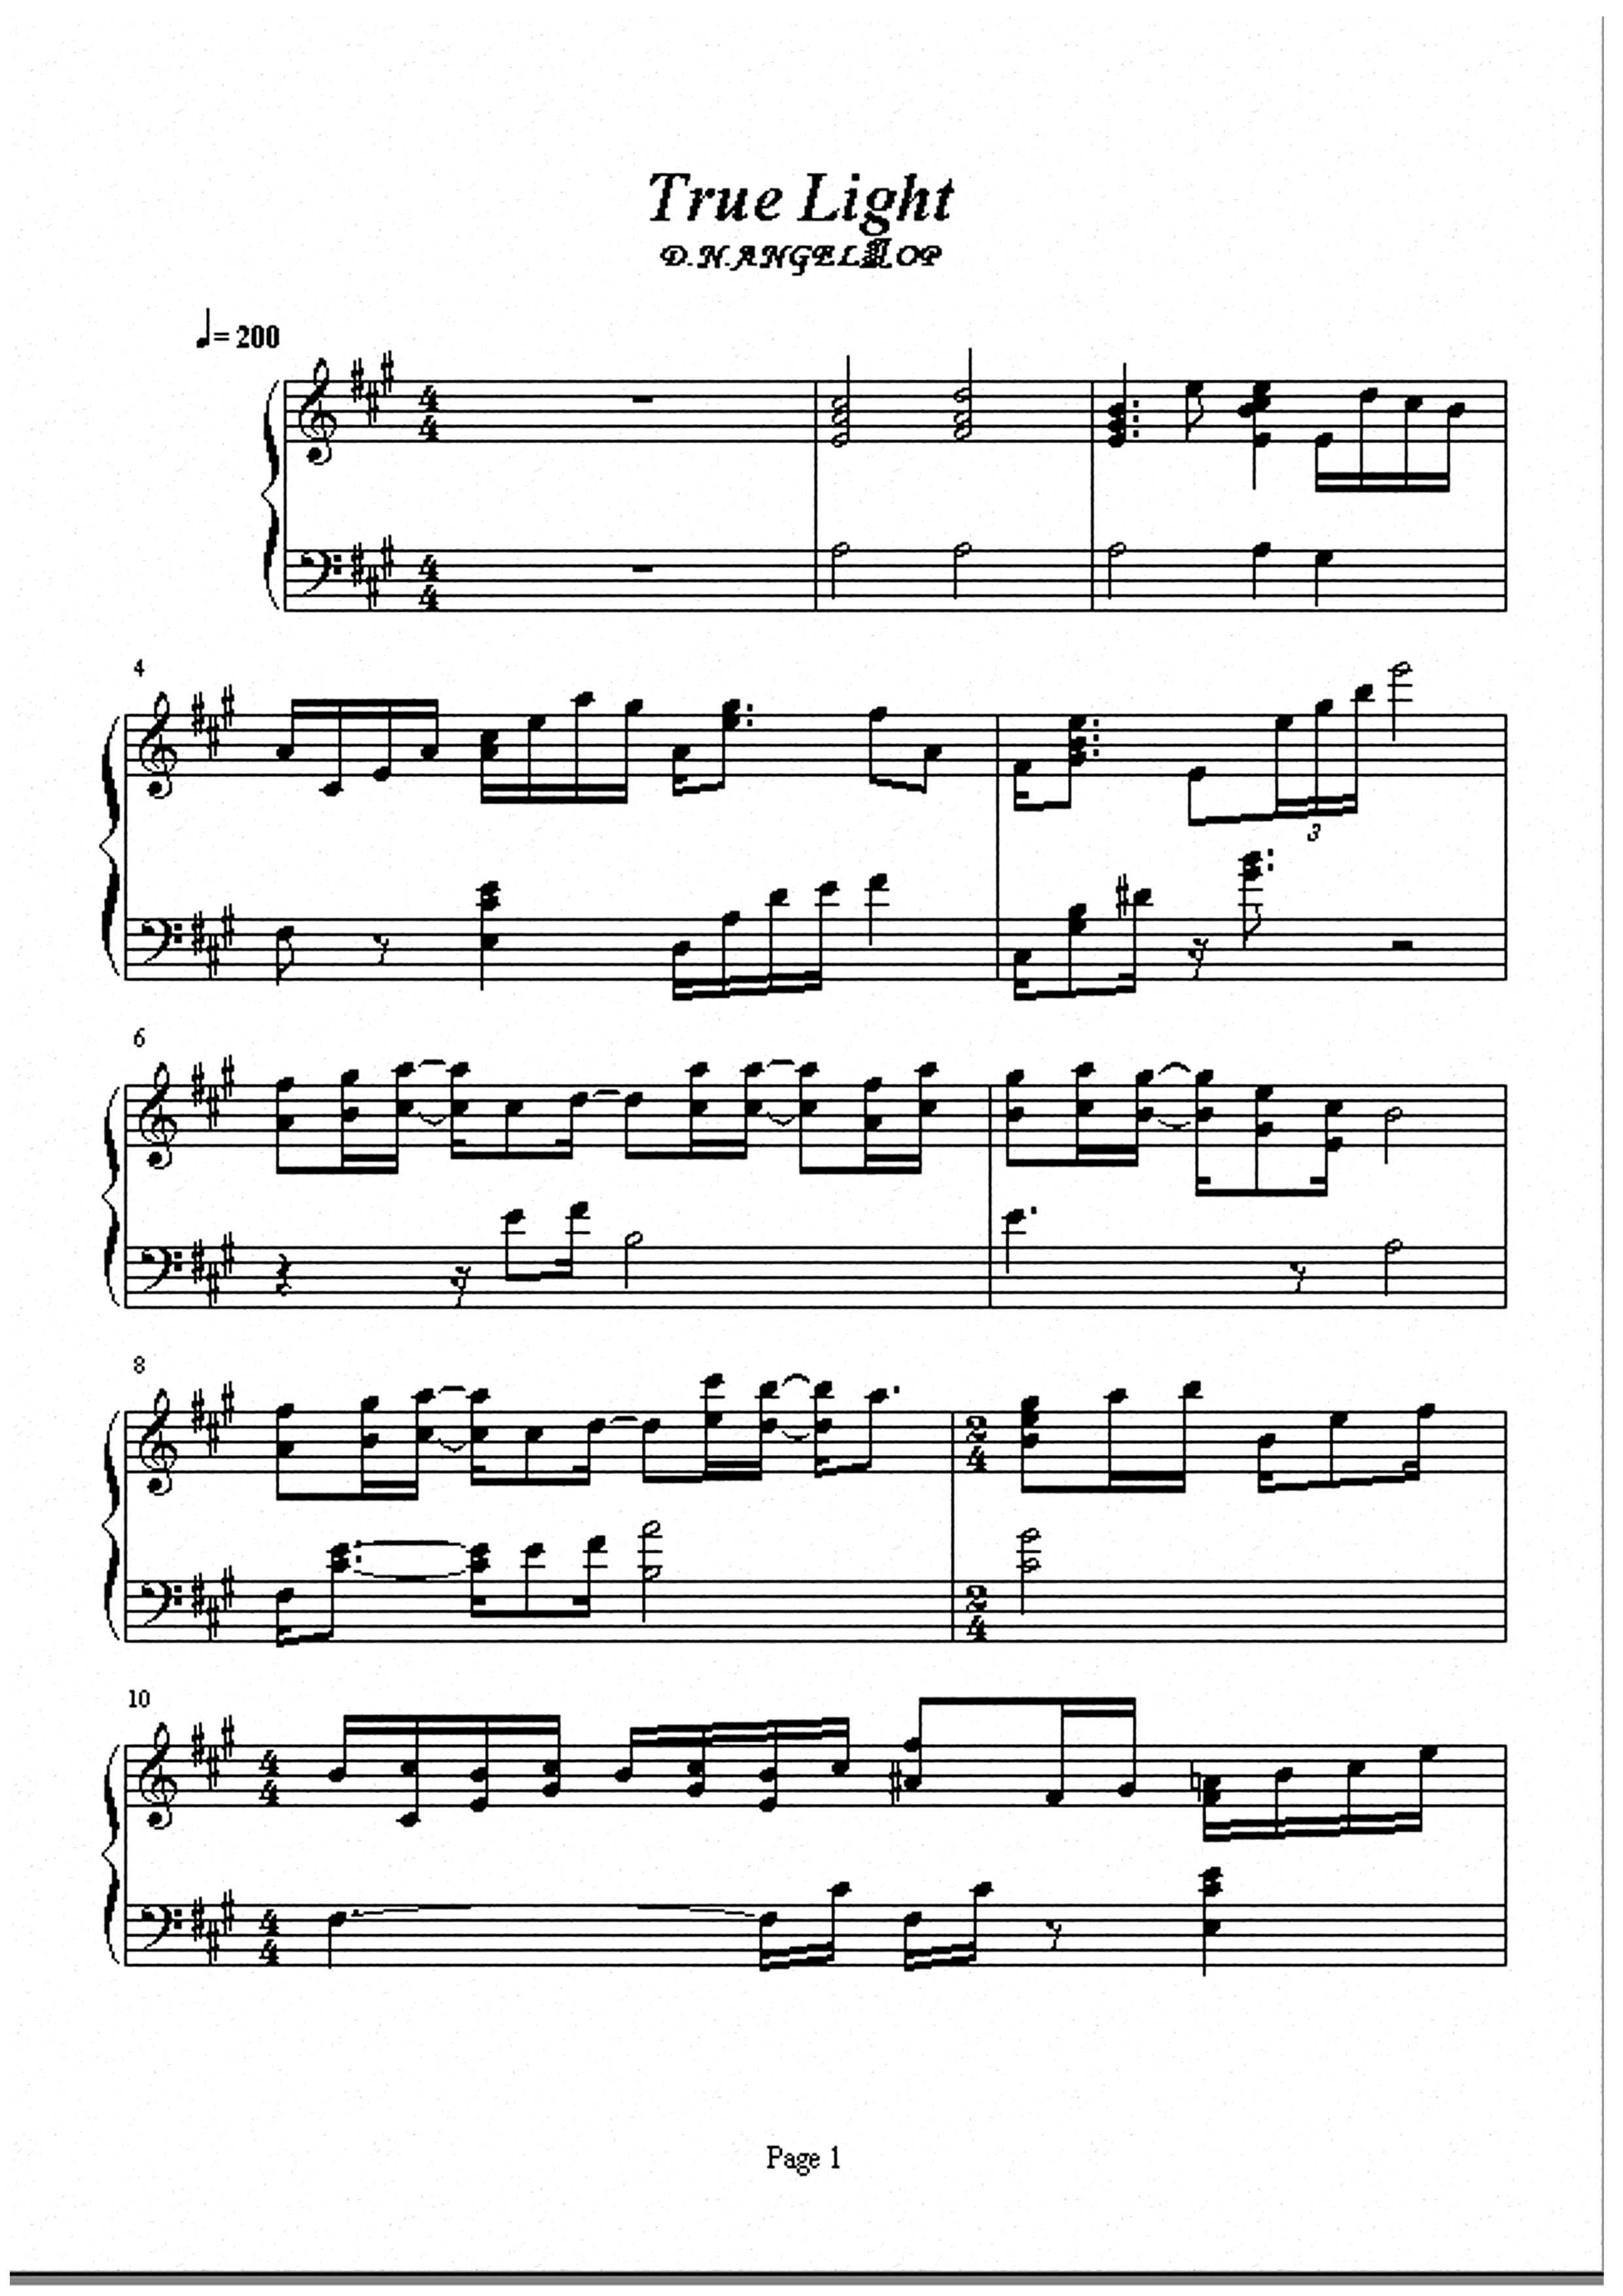 蔷薇少女 的钢琴曲谱.